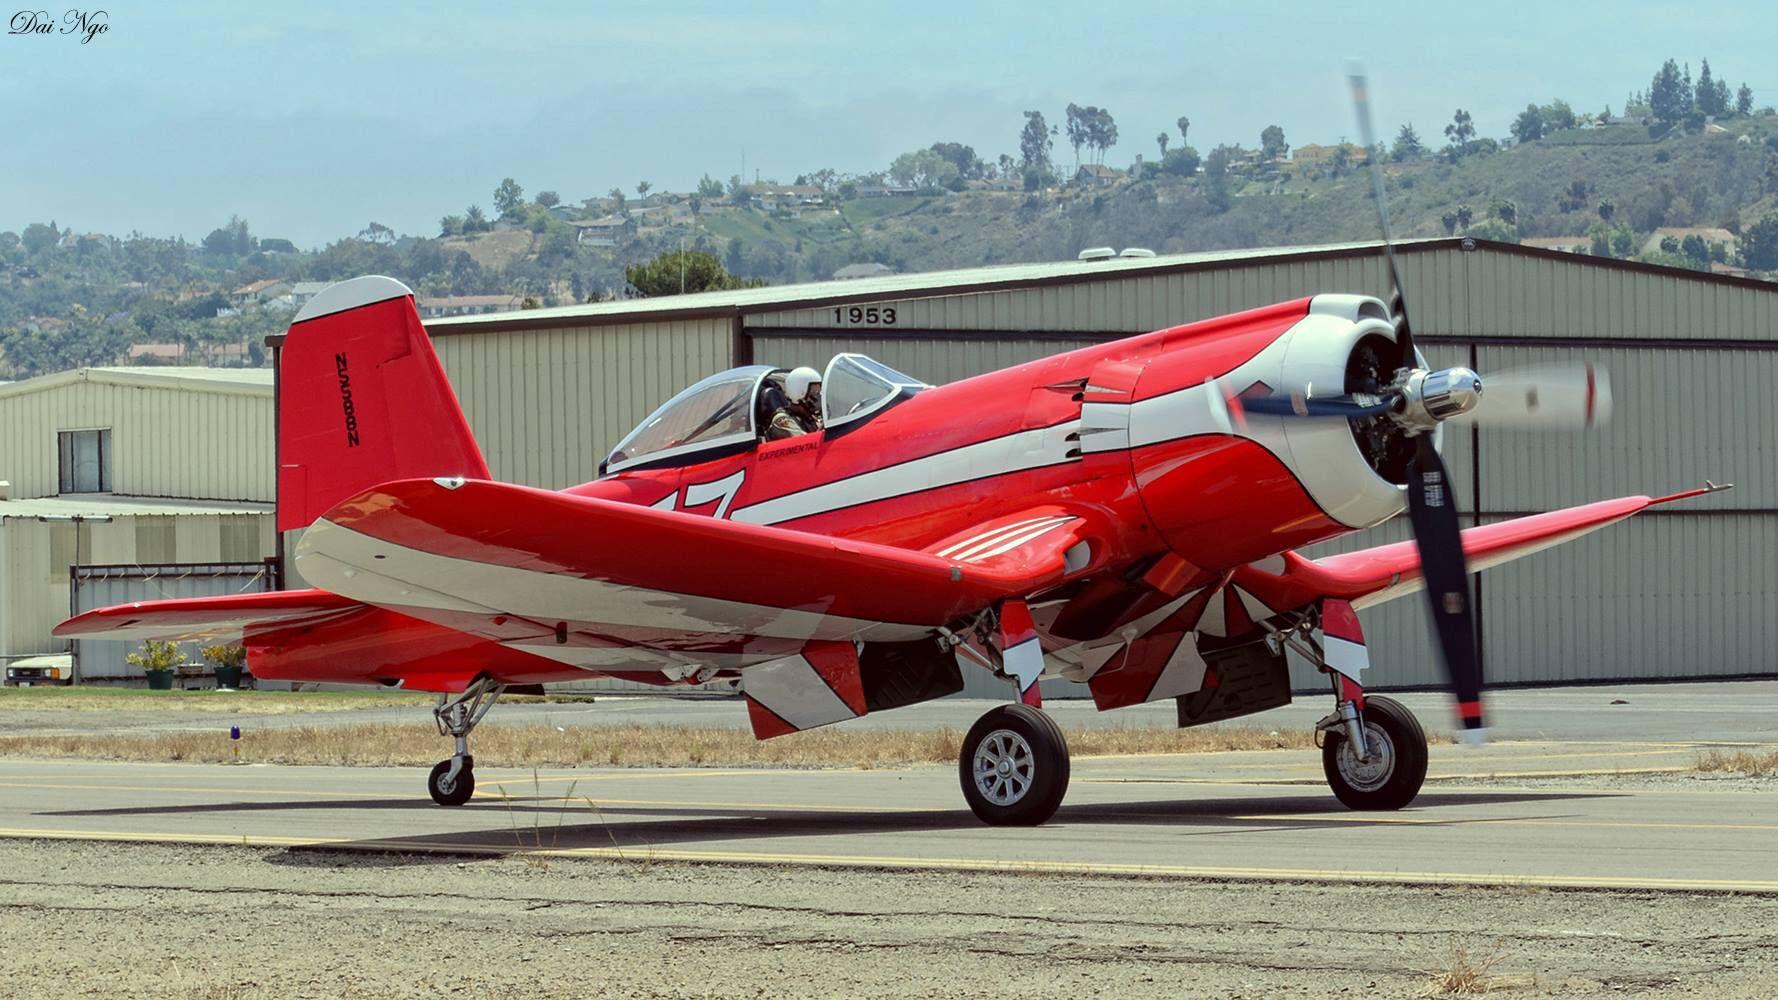 Flamboyant 57 F2G1 Corsair. Reno air races, Aircraft